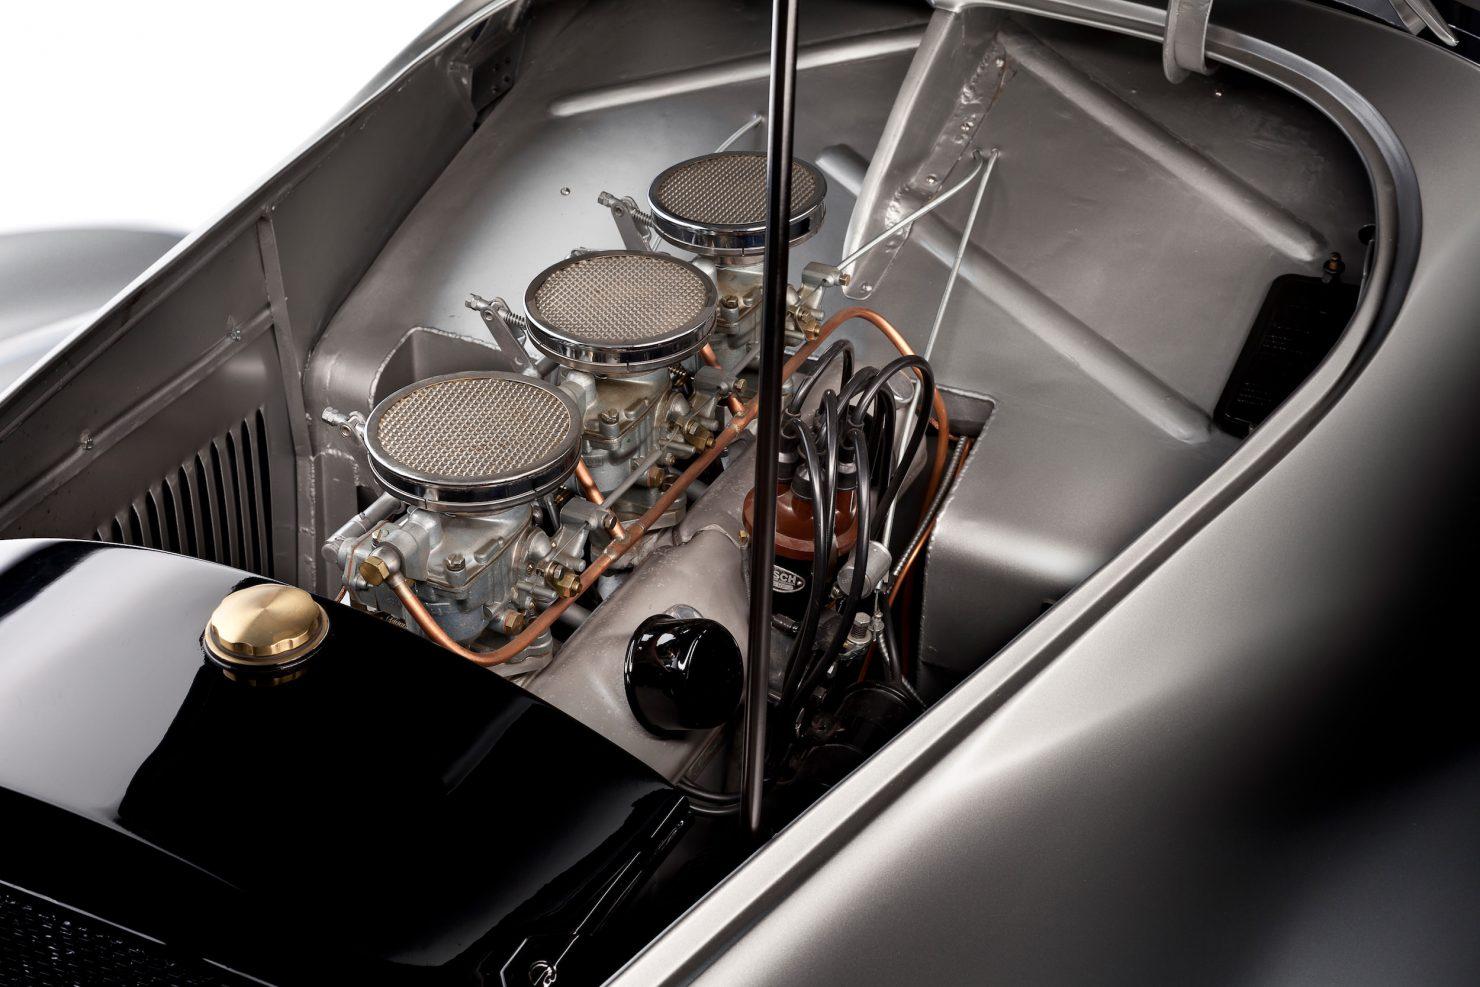 BMW 328 15 1480x987 - 1940 BMW 328 Roadster